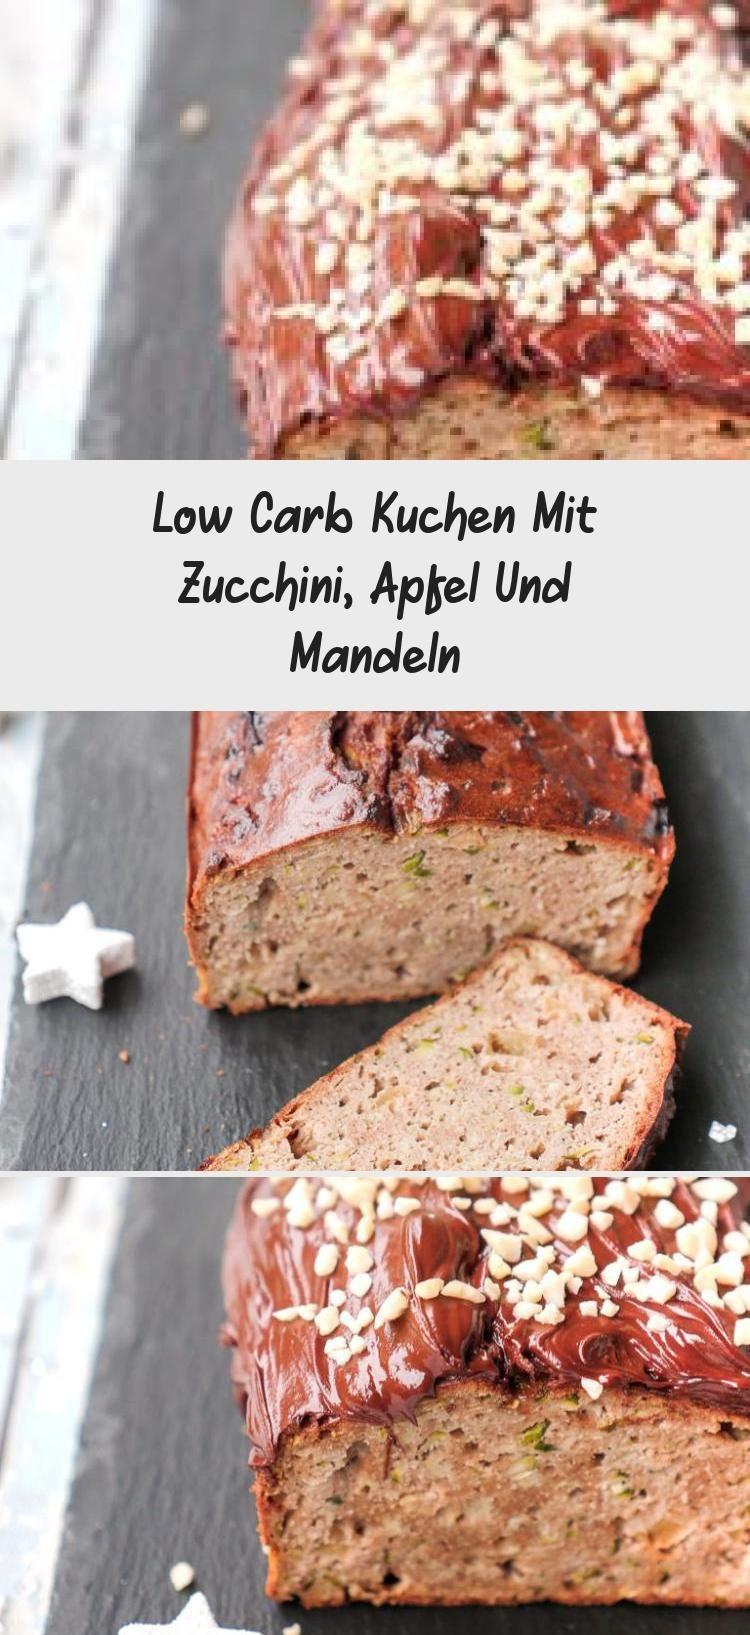 Super saftiger Low Carb Kuchen mit Zucchini Apfel und gemahlenen Mandeln  Gaumenfreundin Foodblog